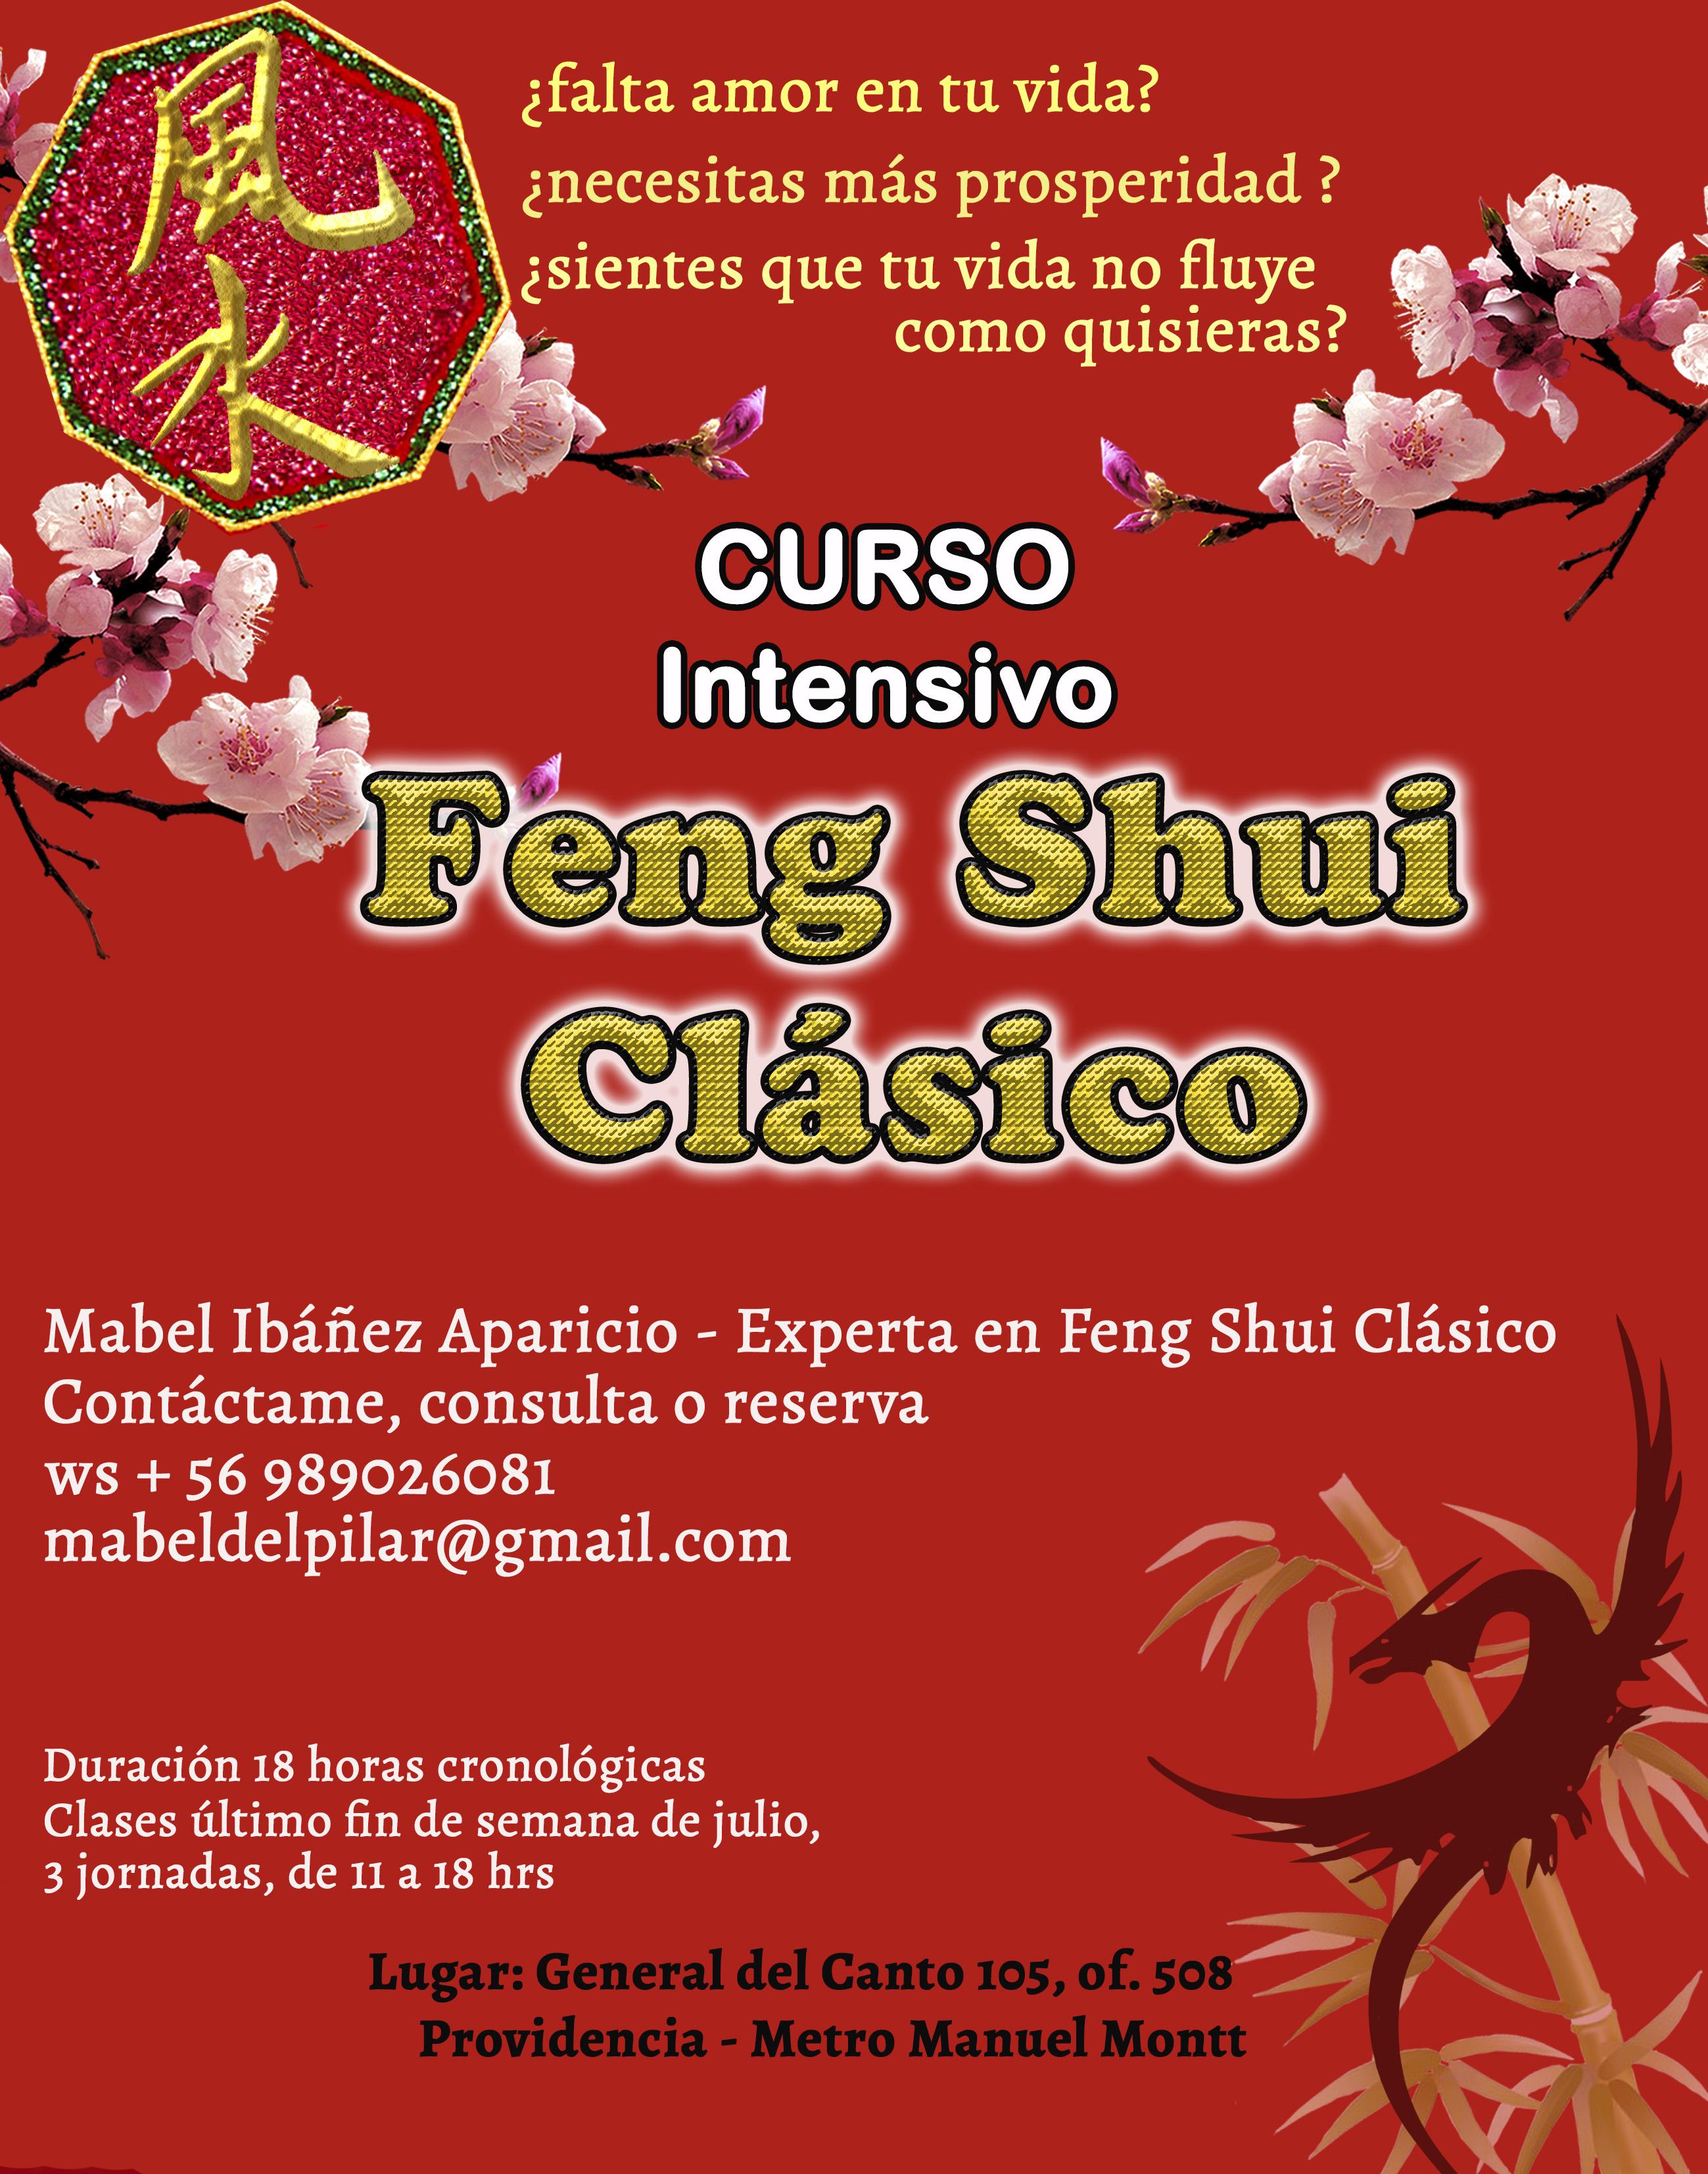 Curso Intensivo de Feng Shui Clásico